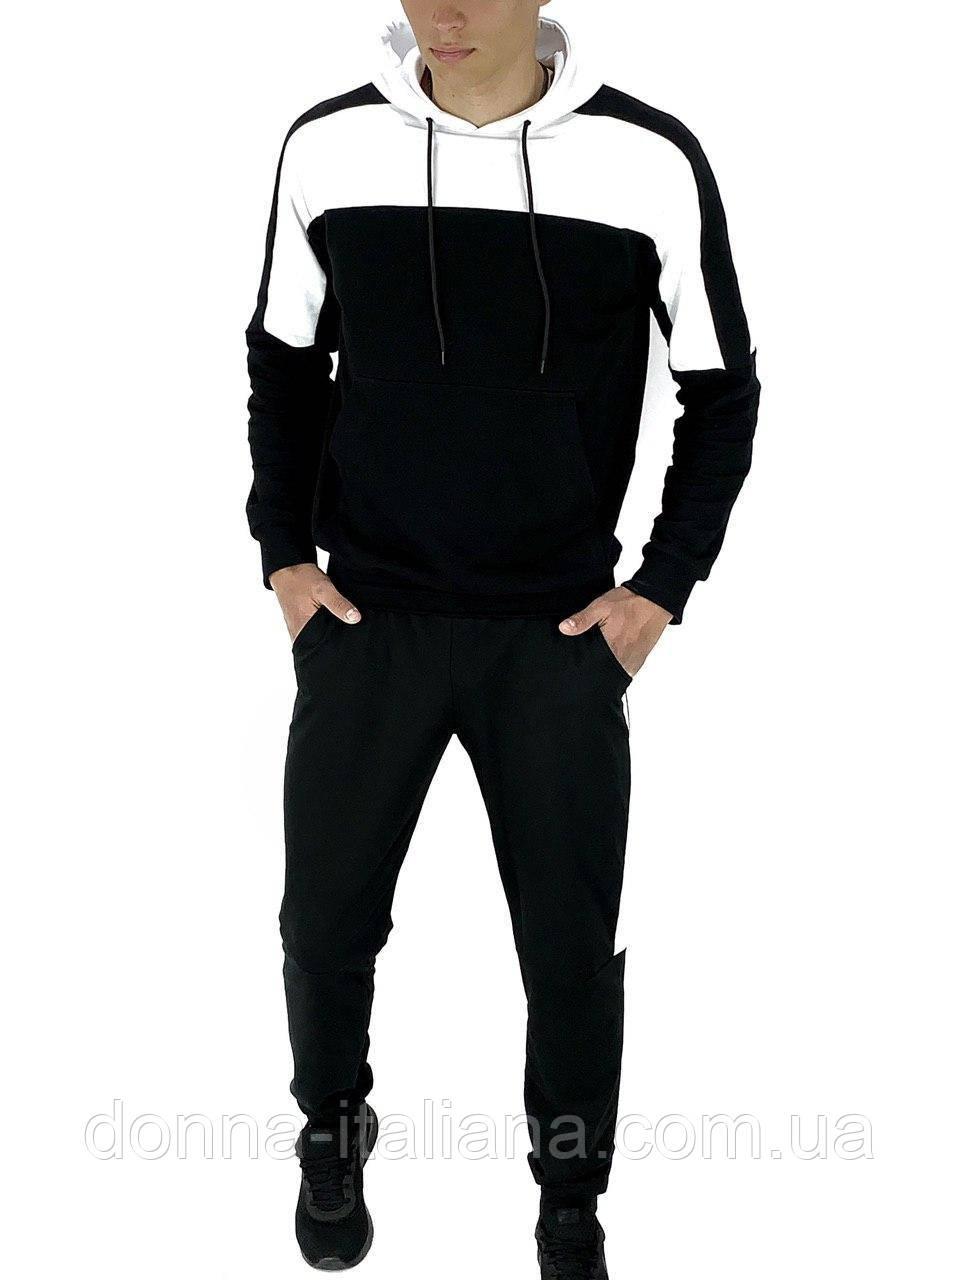 Спортивный костюм Intruder Spirited S Черно-белый (1586893869/ 1)